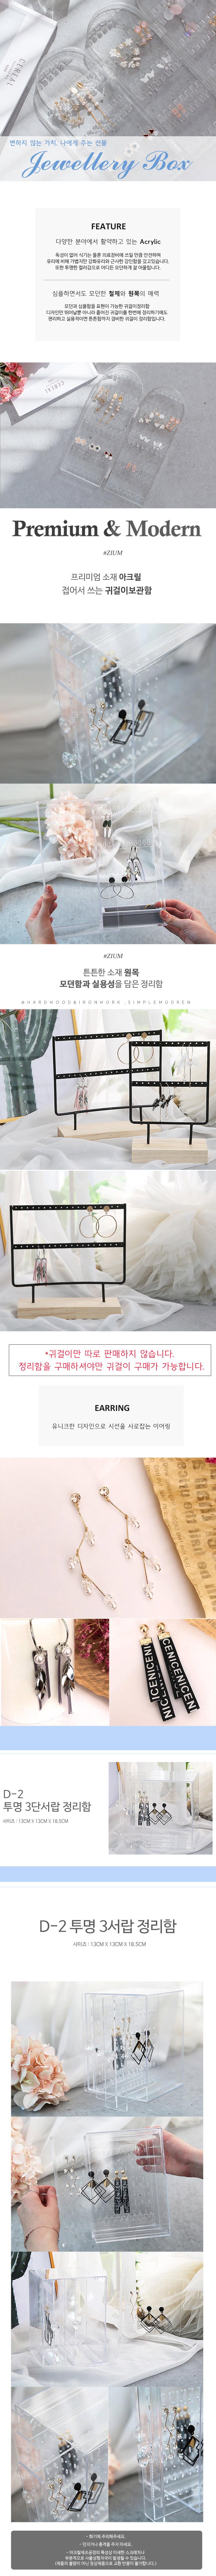 D-2 투명 3단 서랍 귀걸이정리함 - 지음, 16,060원, 보관함/진열대, 주얼리보관함